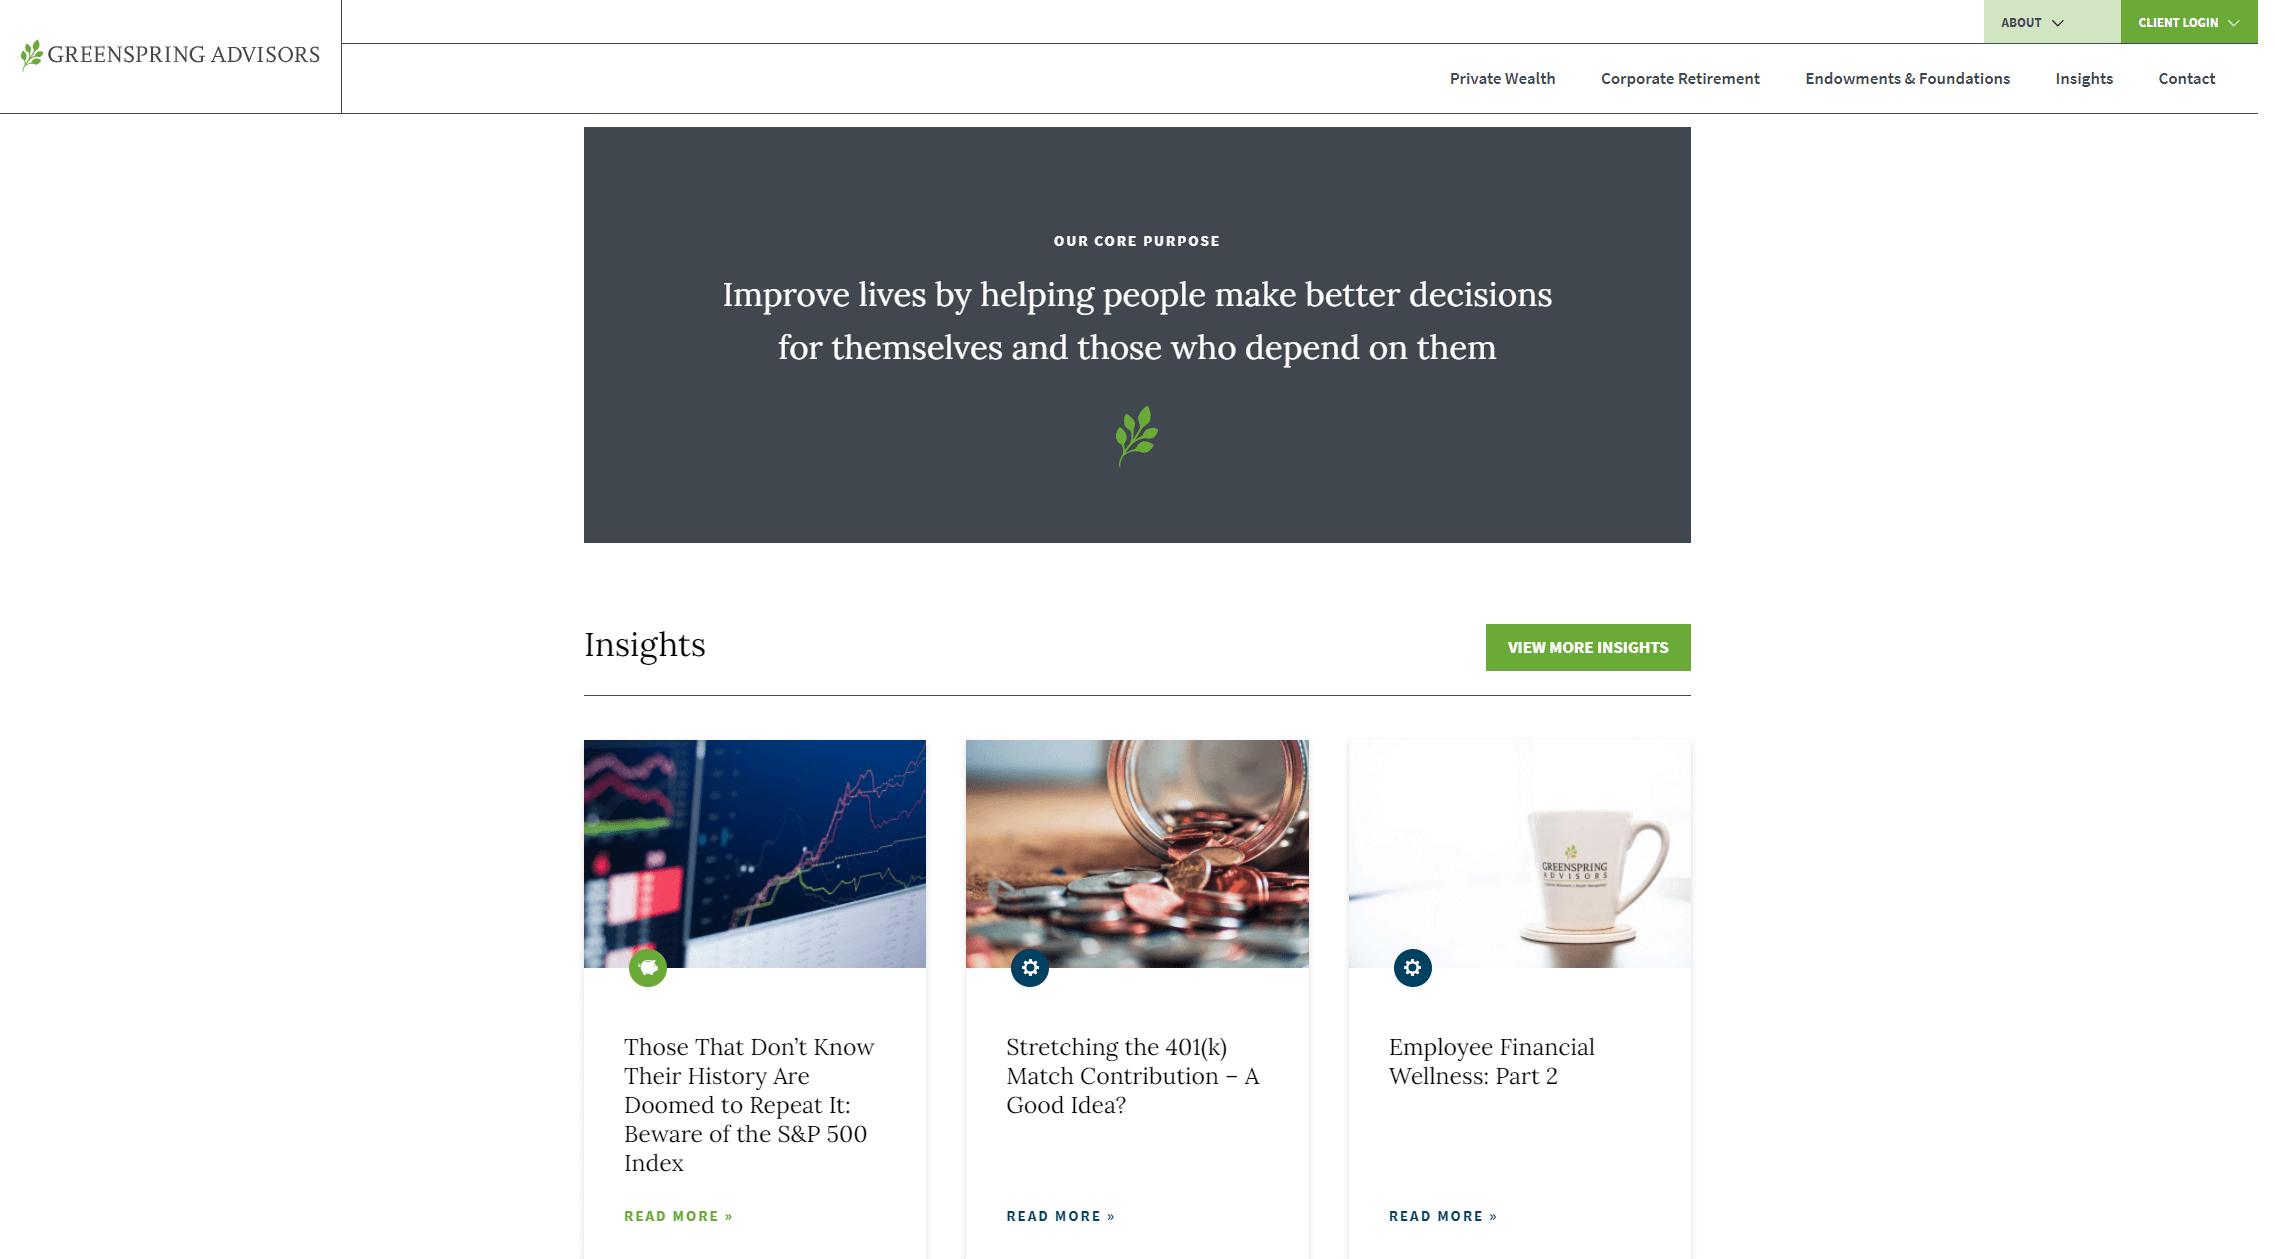 greenspringadvisors.com-3